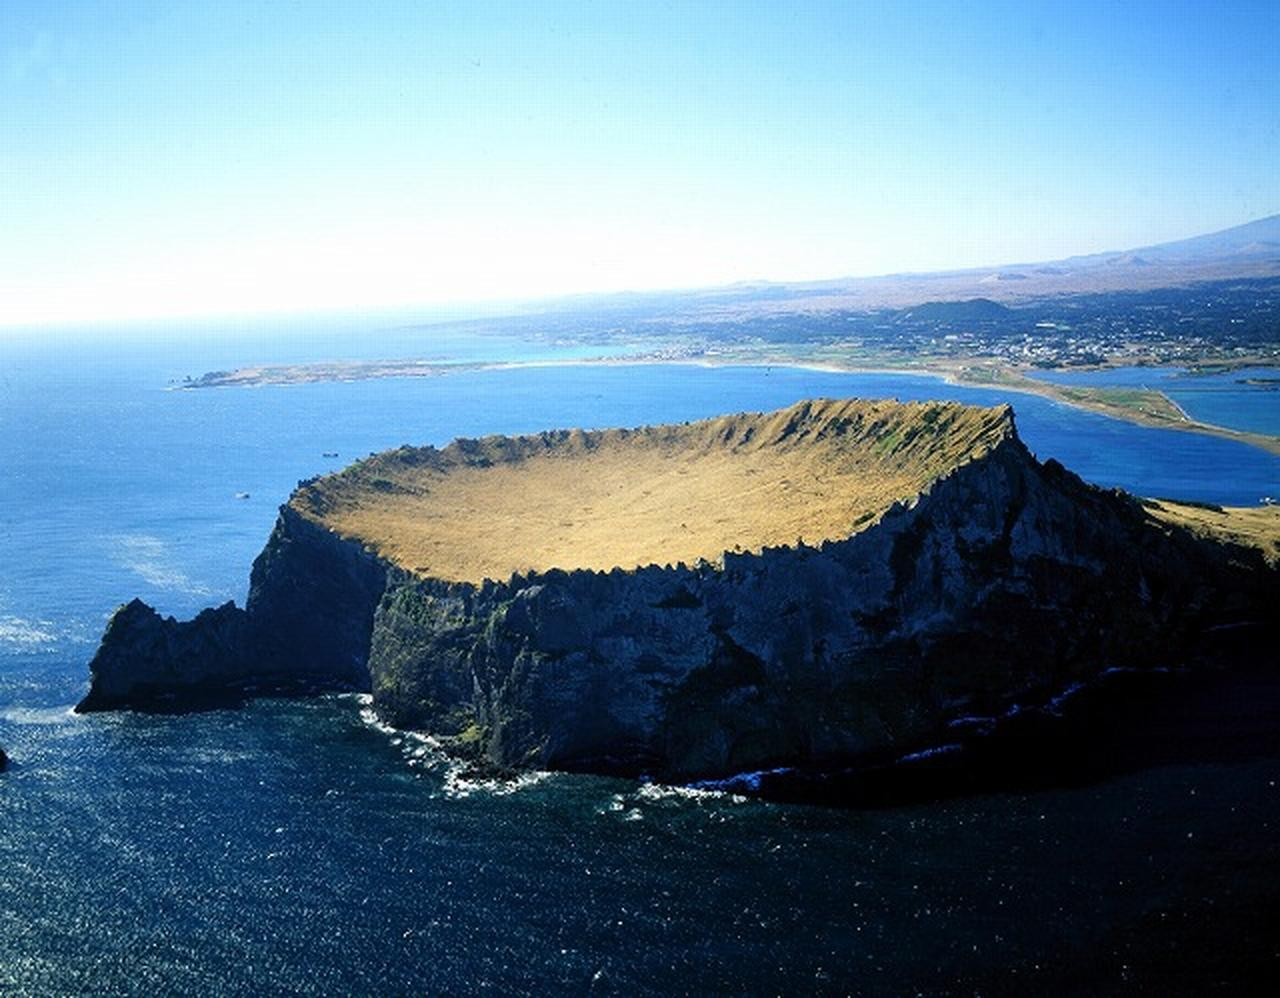 画像: <ハイキング初級>韓国・済州島で秋ならではの自然を満喫!済州島オルレ いいとこどりハイキング4日間|クラブツーリズム